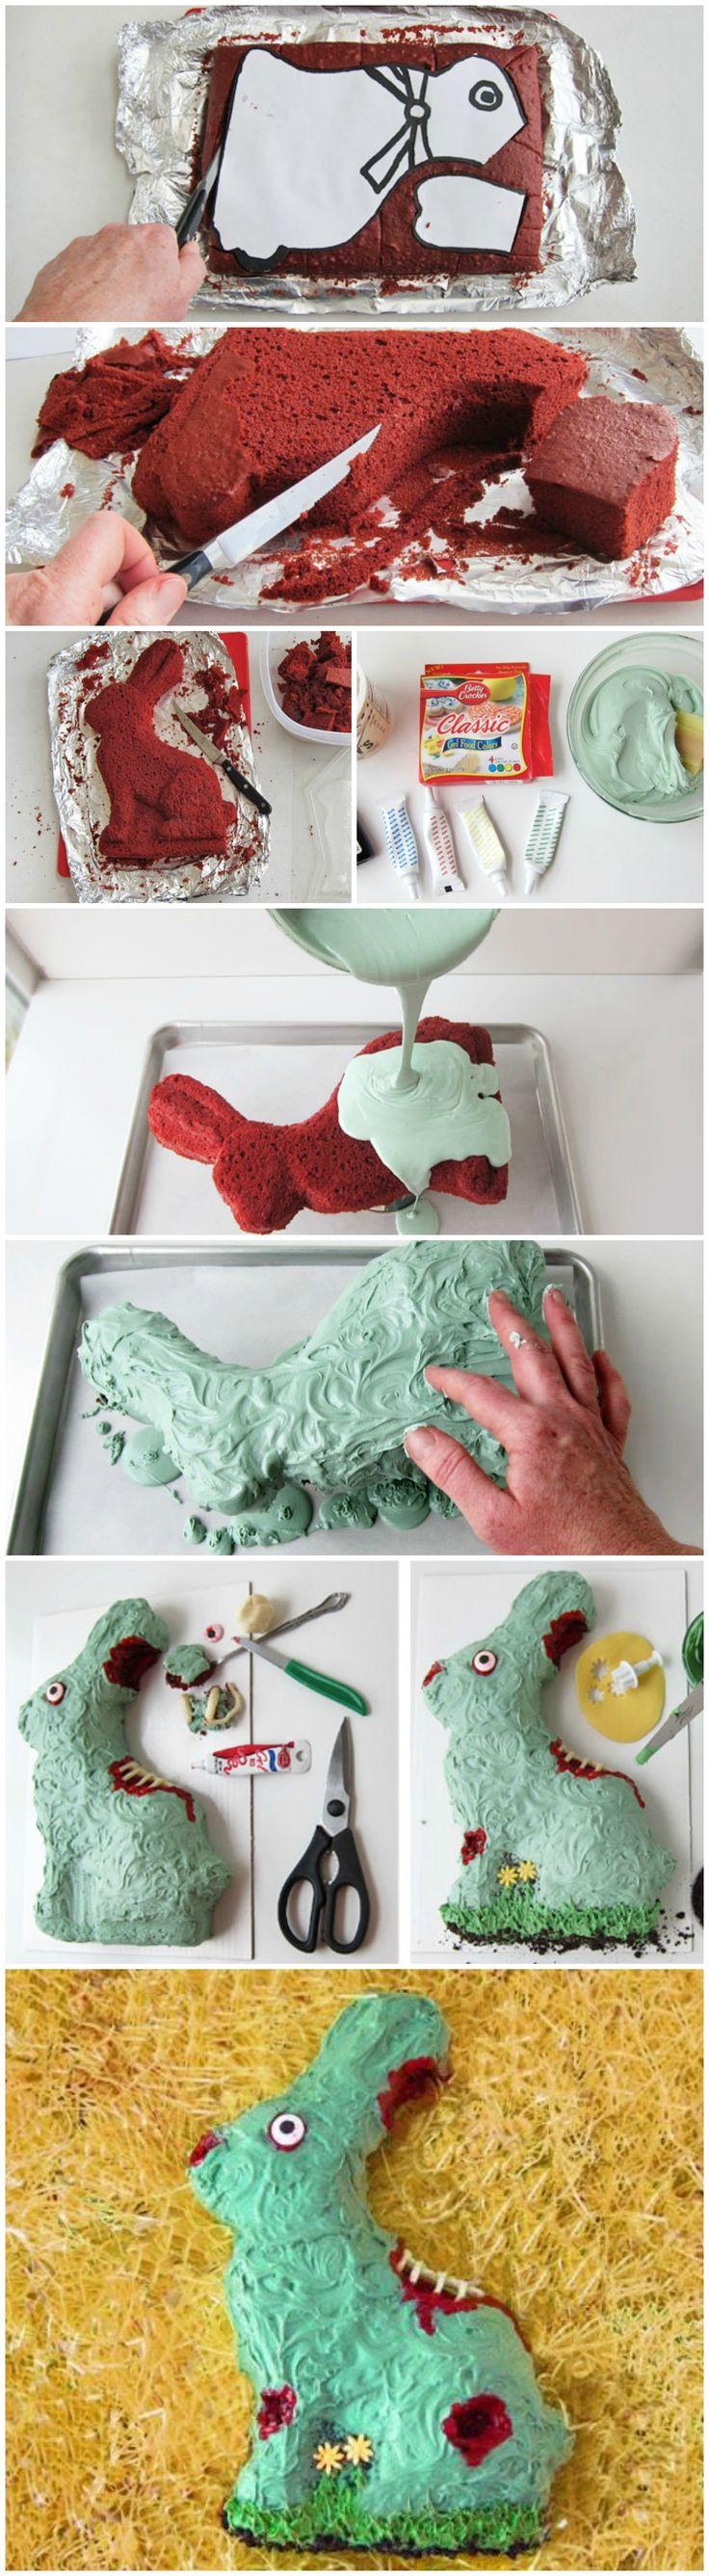 Zombie Bunny Easter Cake #ZombieBunny #bettycrocker